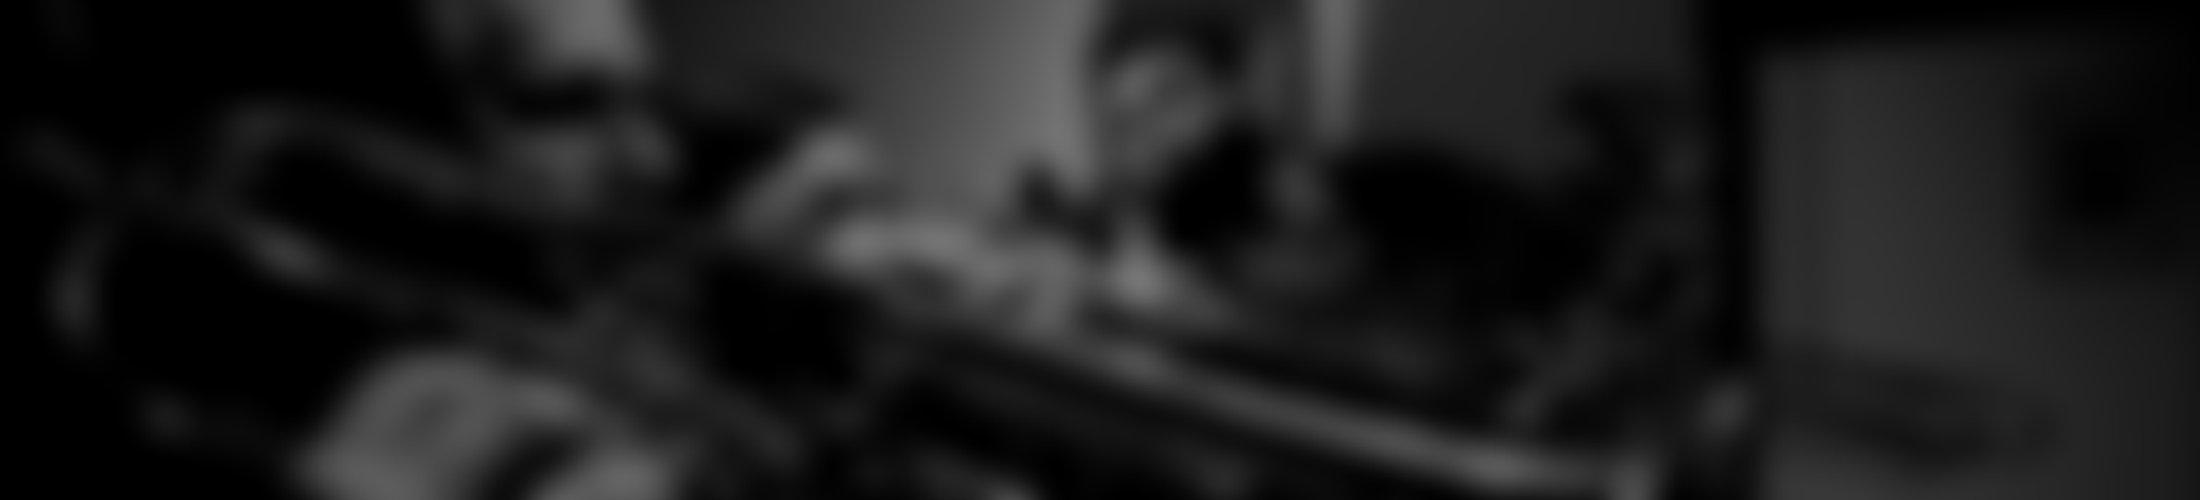 Verschwommener Hintergrund des Blechbläserensembles BrassCats